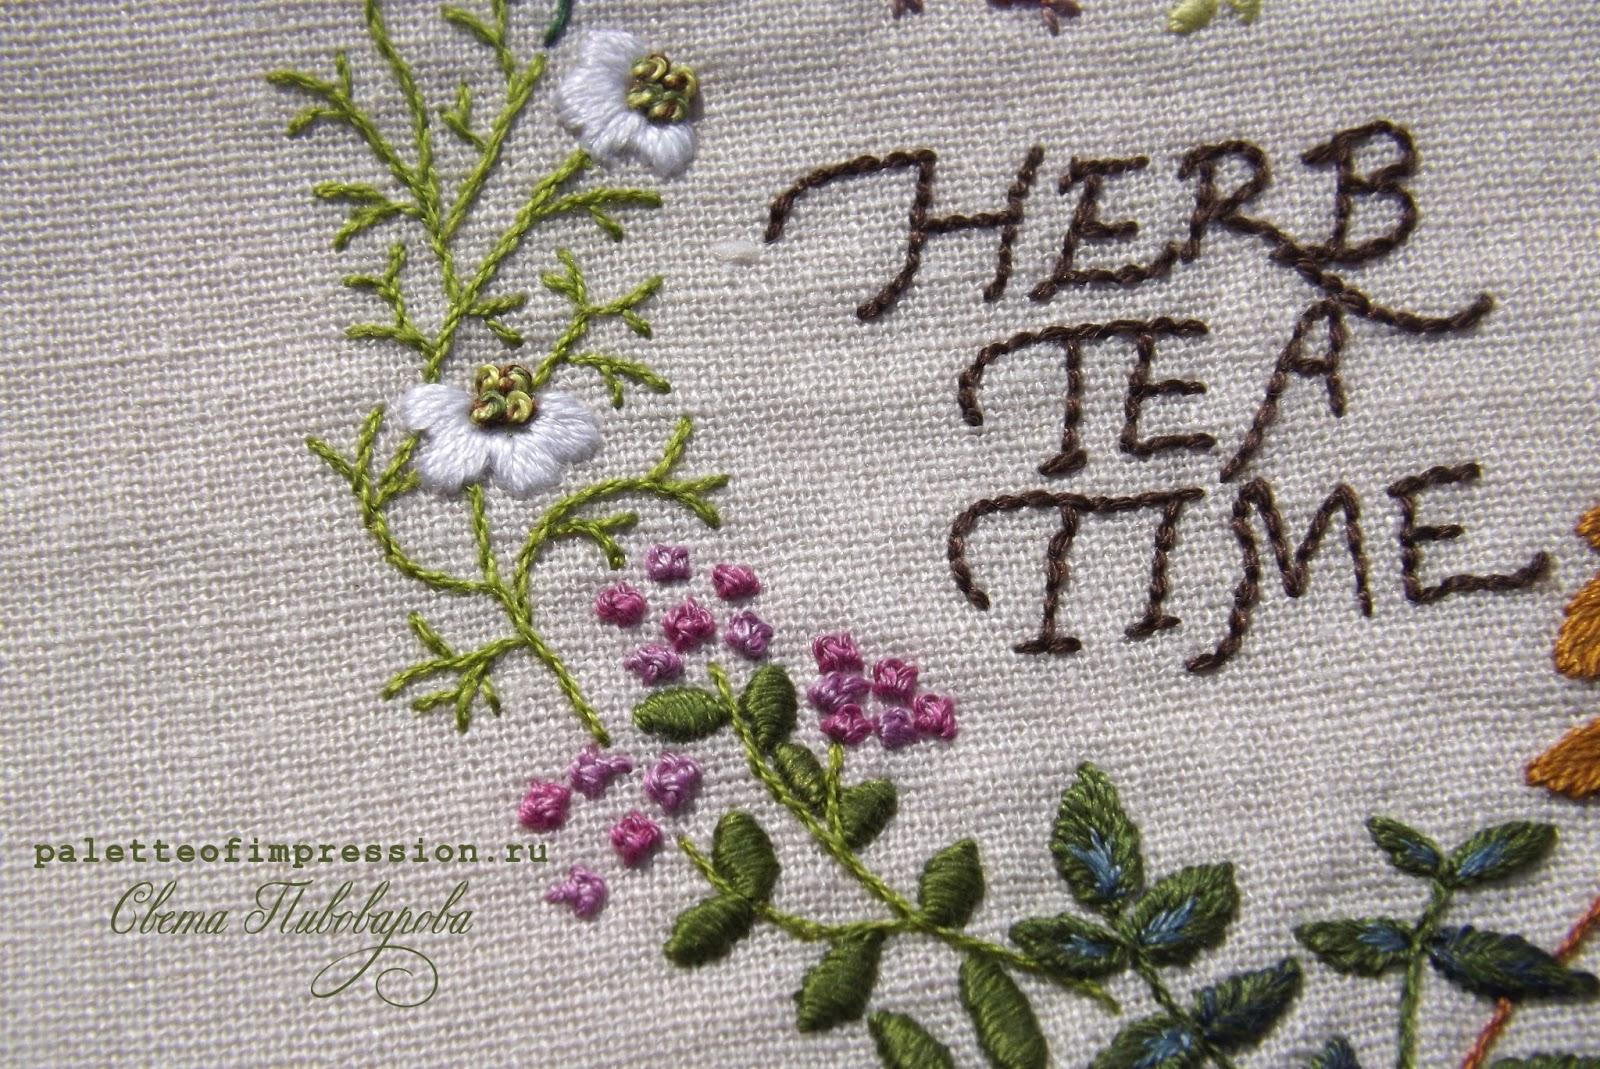 Травяной венок из семплера Herb tea time  дизайна Sadako Totsuka. Вышивка контурная и гладь. Блог Вся палитра впечатлений Palette of impression blog Hand embroidery